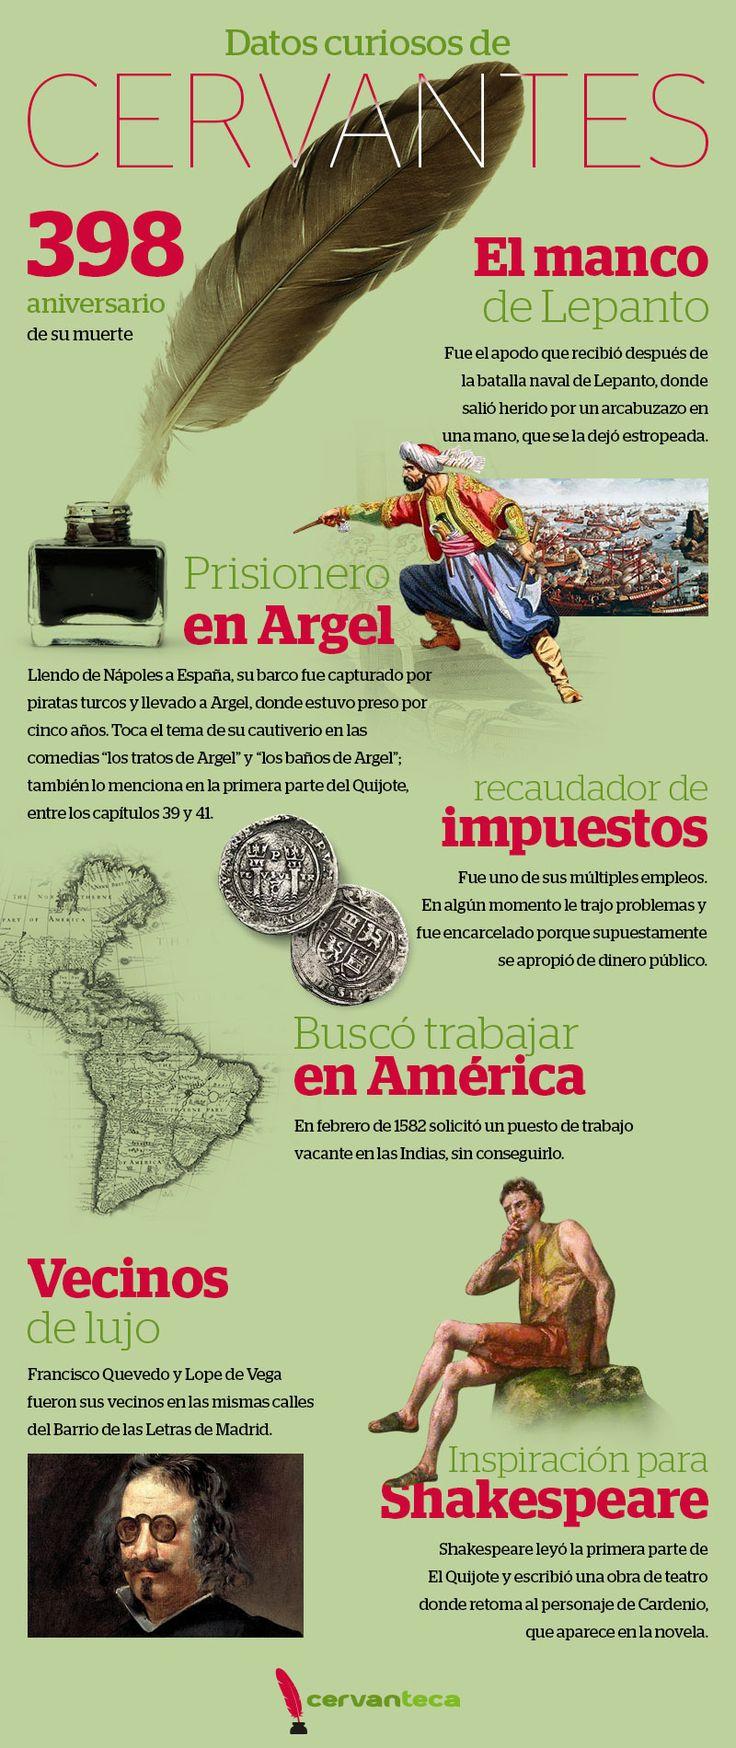 #Infografía: #DatosCuriosos de #Cervantes